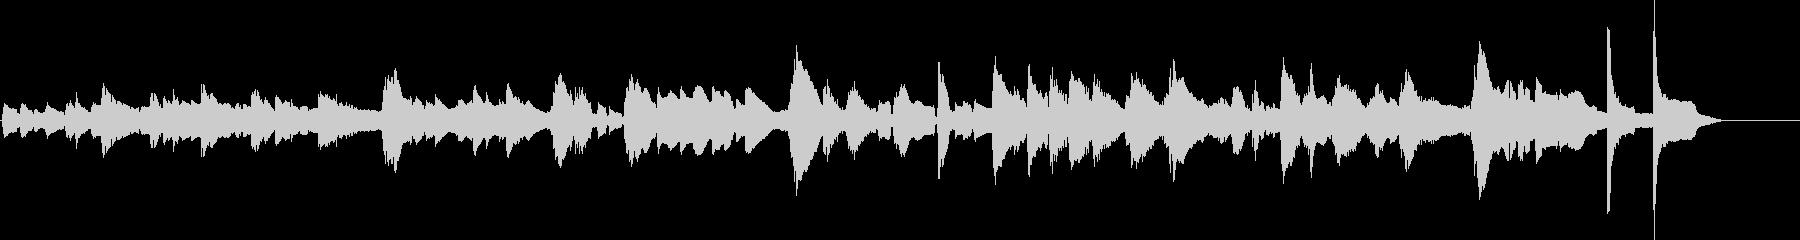 ギターチューニング;弦と弦のピッチ...の未再生の波形